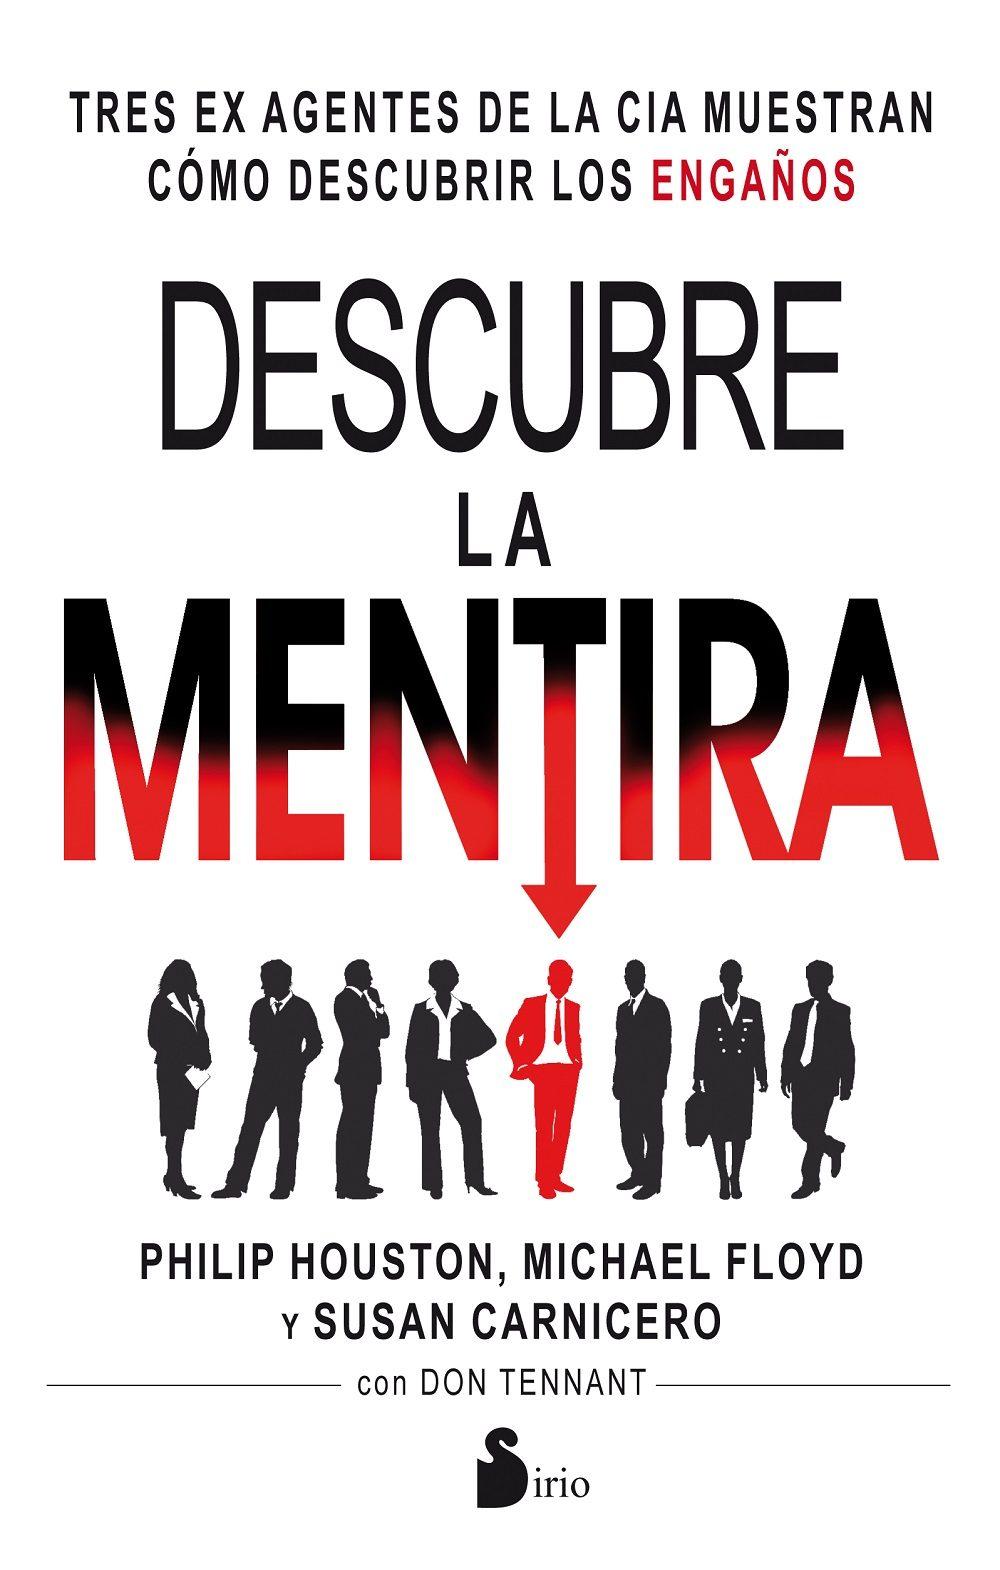 Descubre la Mentira - Philip Houston - Sirio